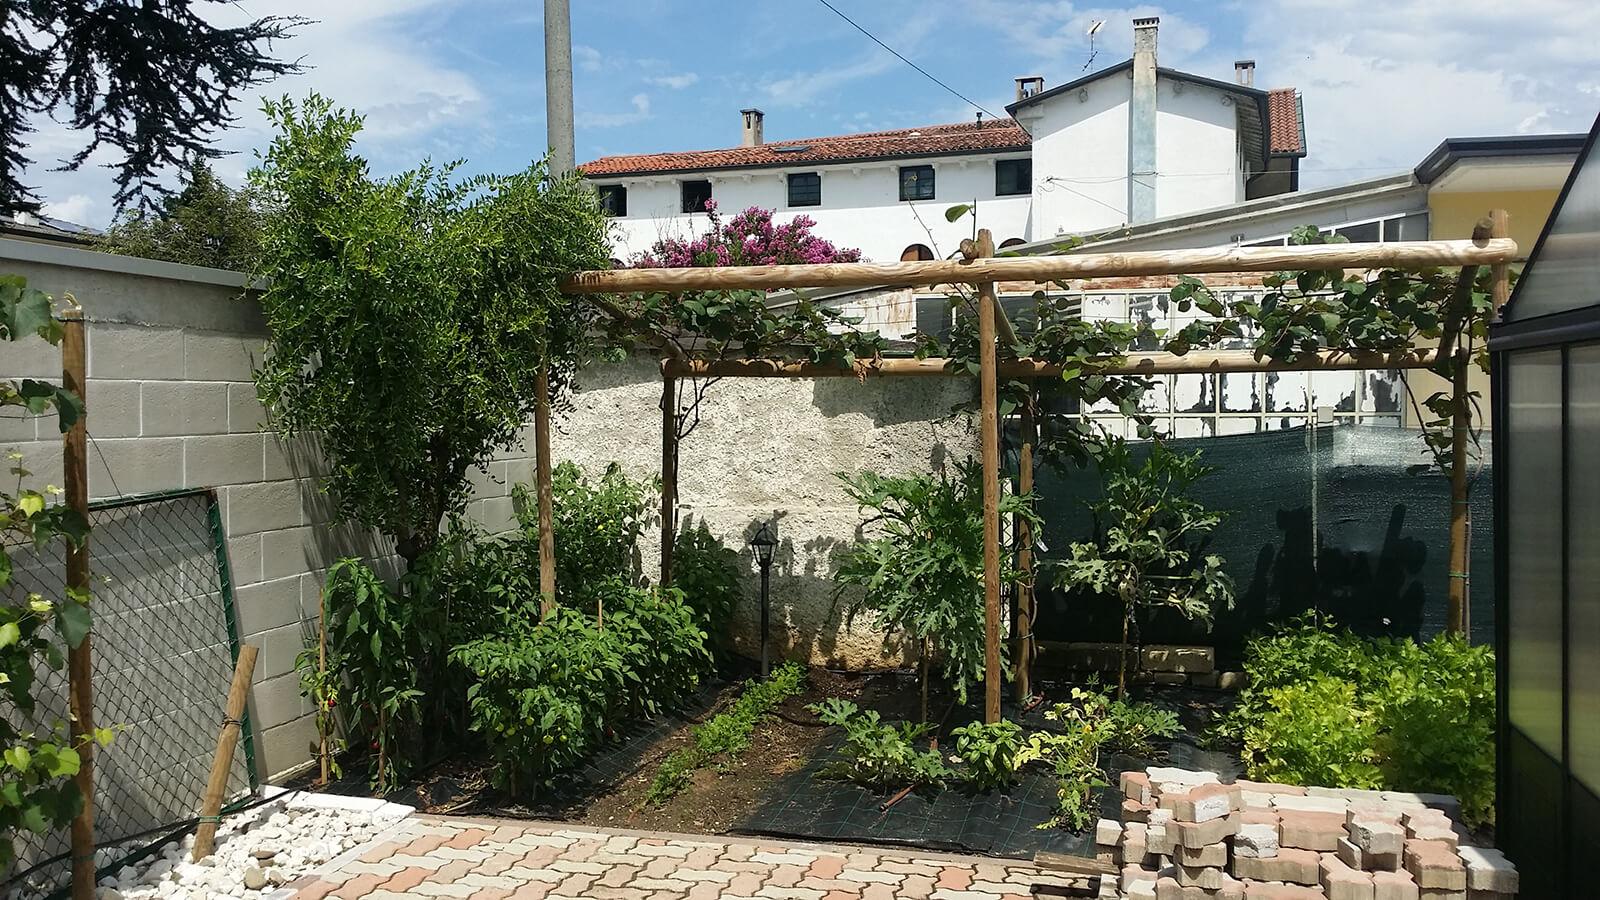 progettazione realizzazione giardini costabissara - verde blu giardini 7